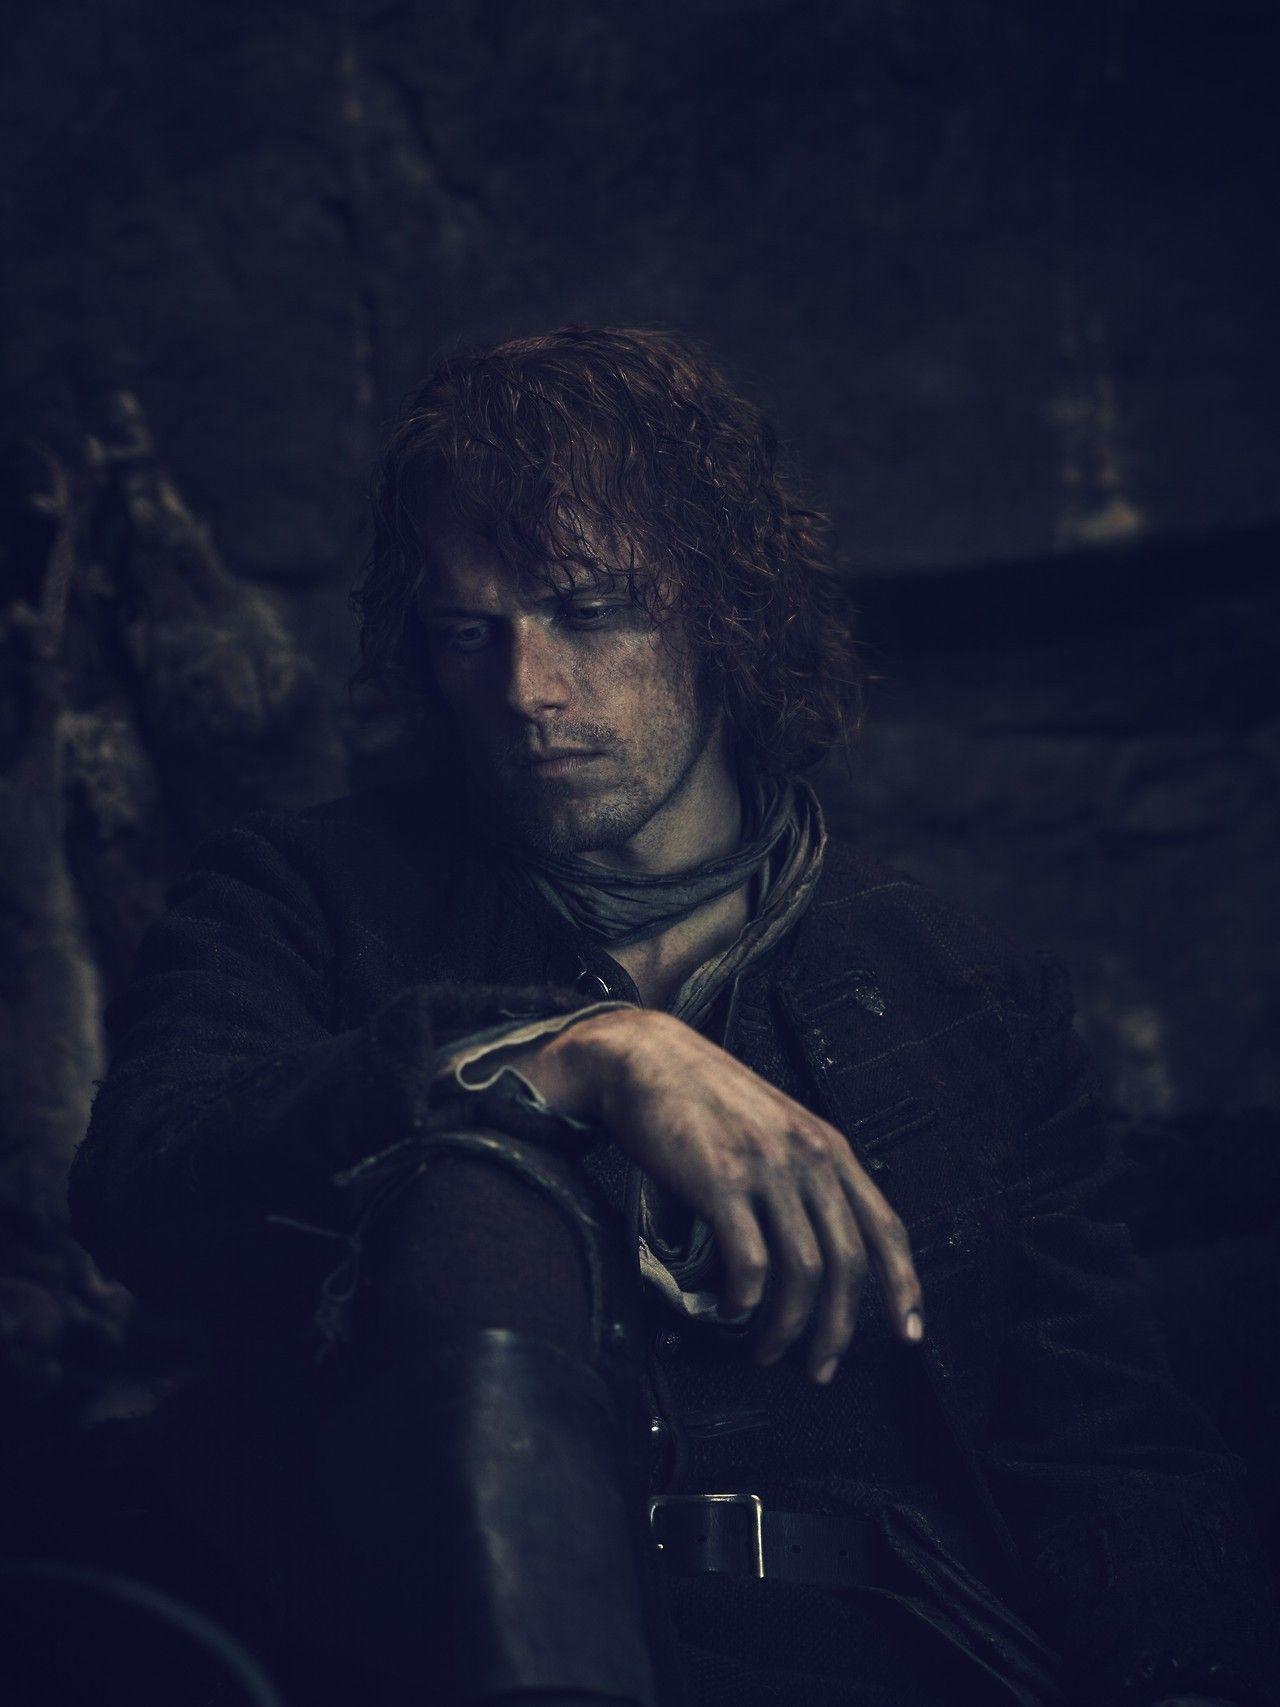 jamesandclairefraser | Outlander | Outlander season 3, Sam heughan